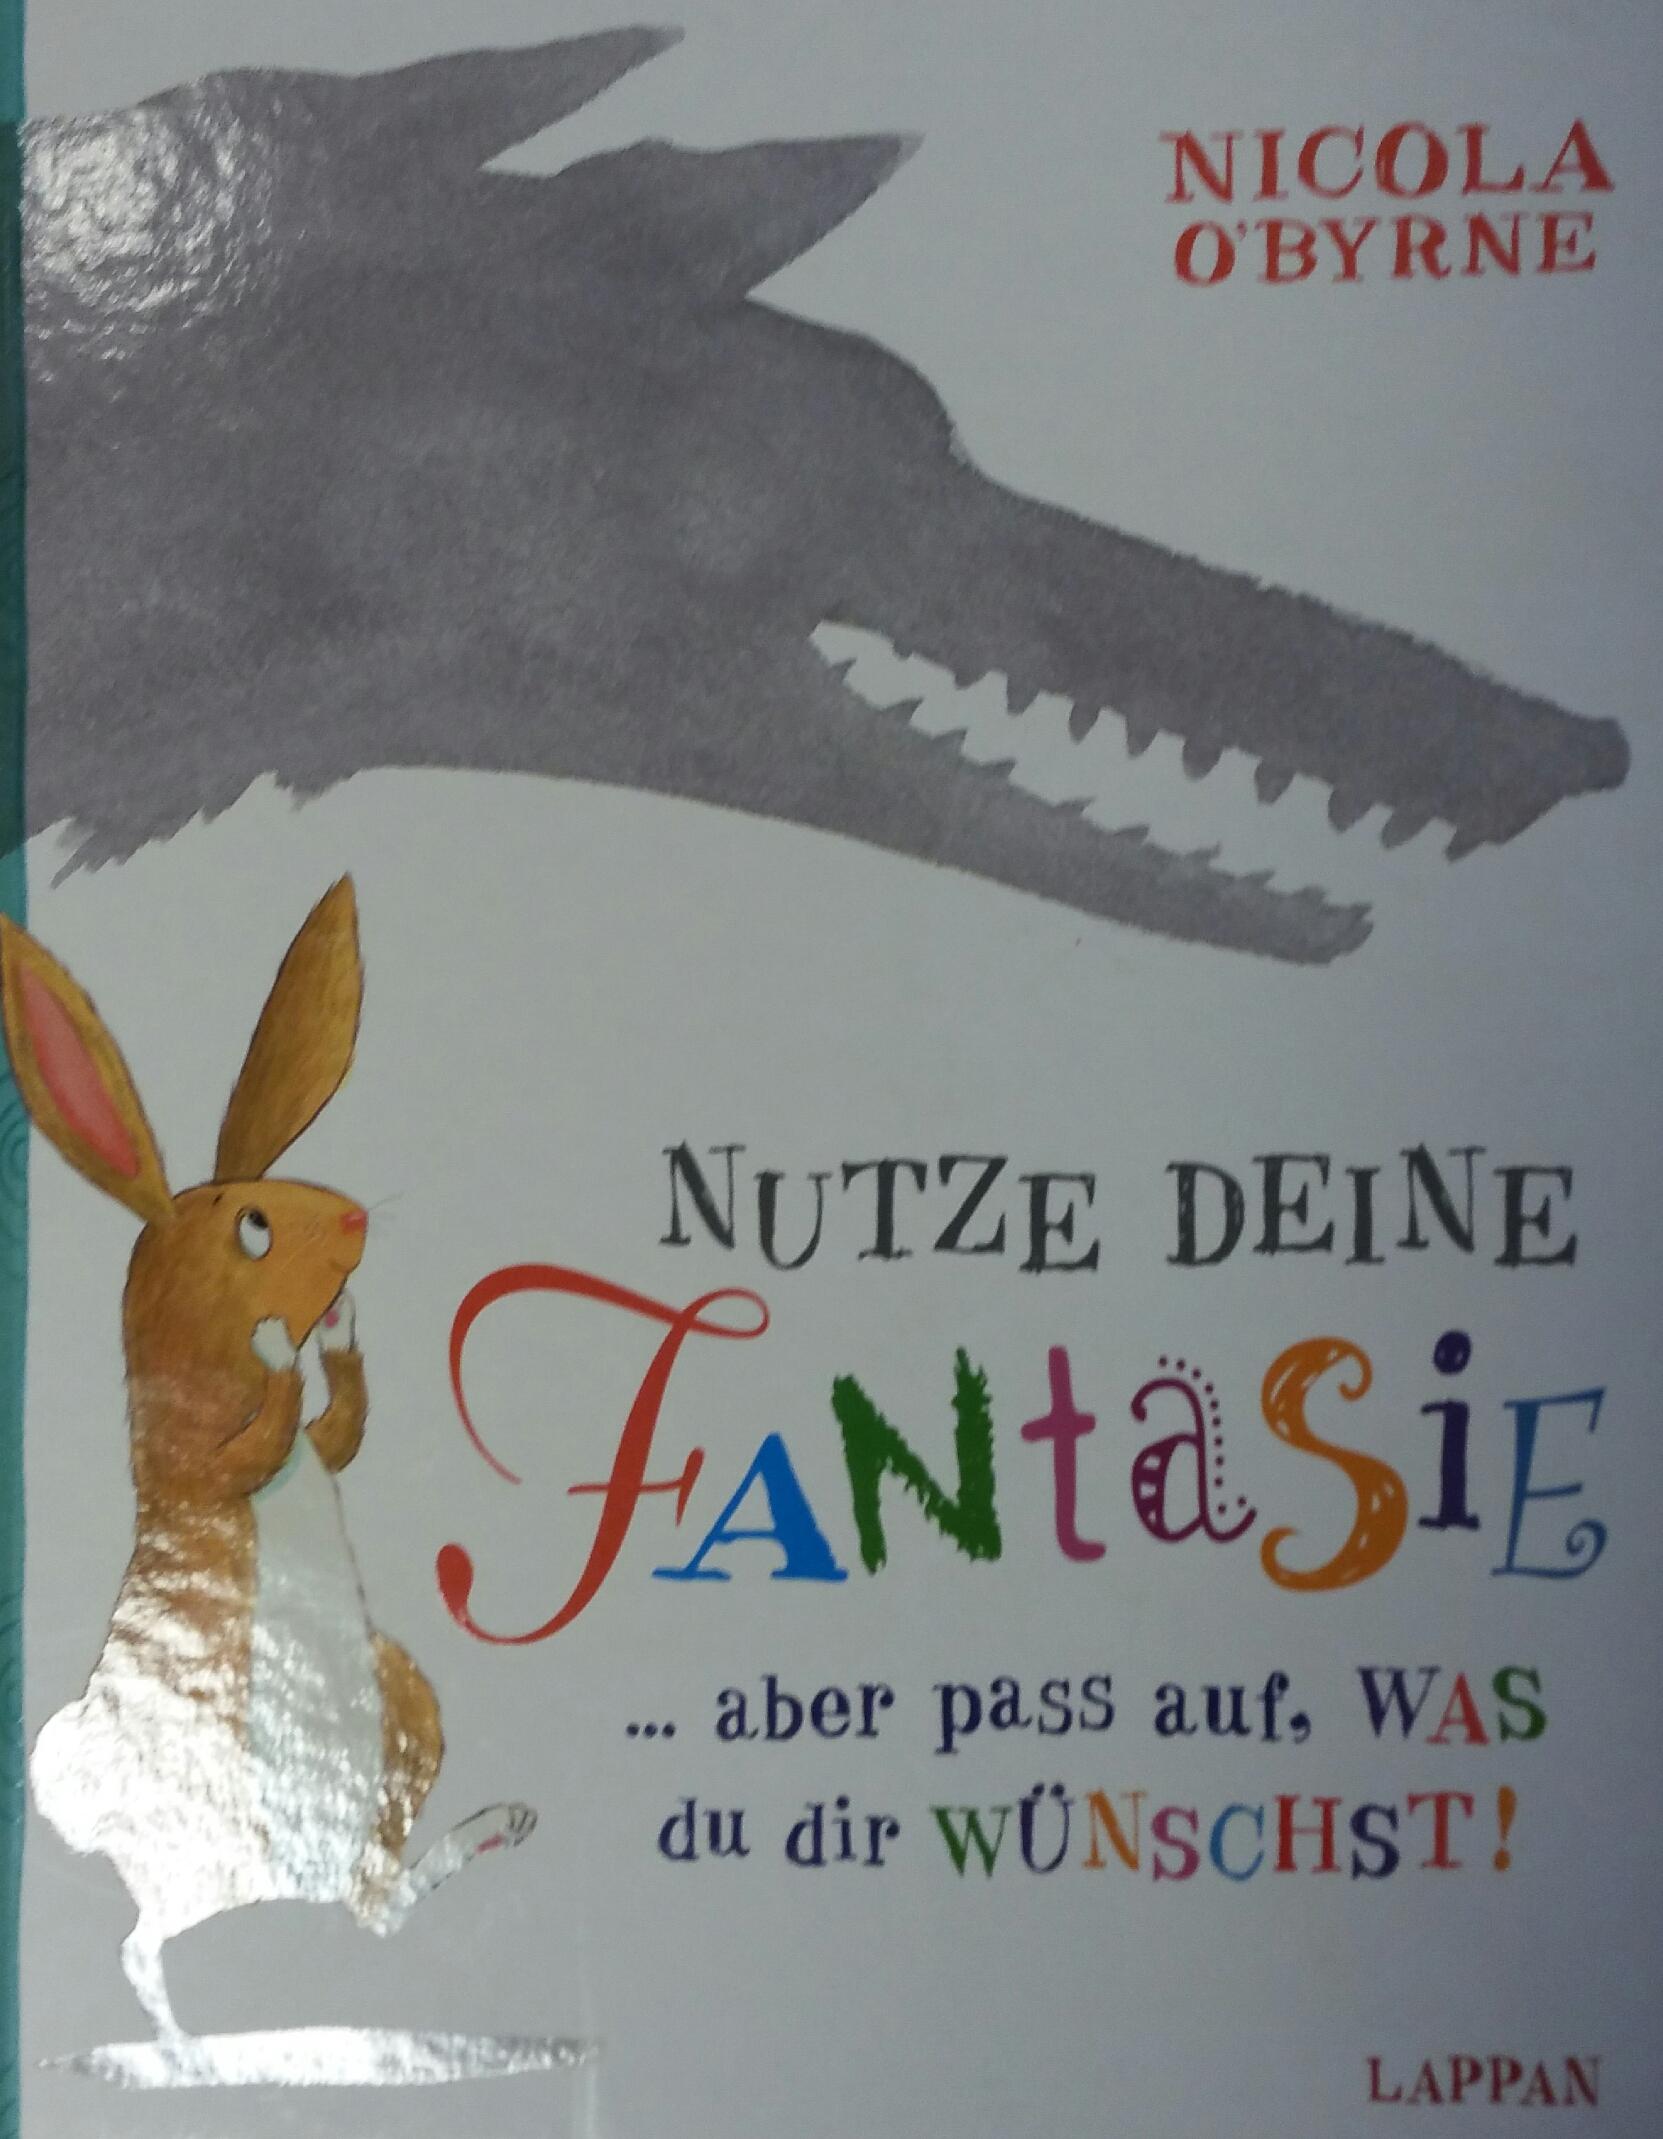 Nutze deine Fantasie... aber pass auf, was du dir wünschst! Book Cover